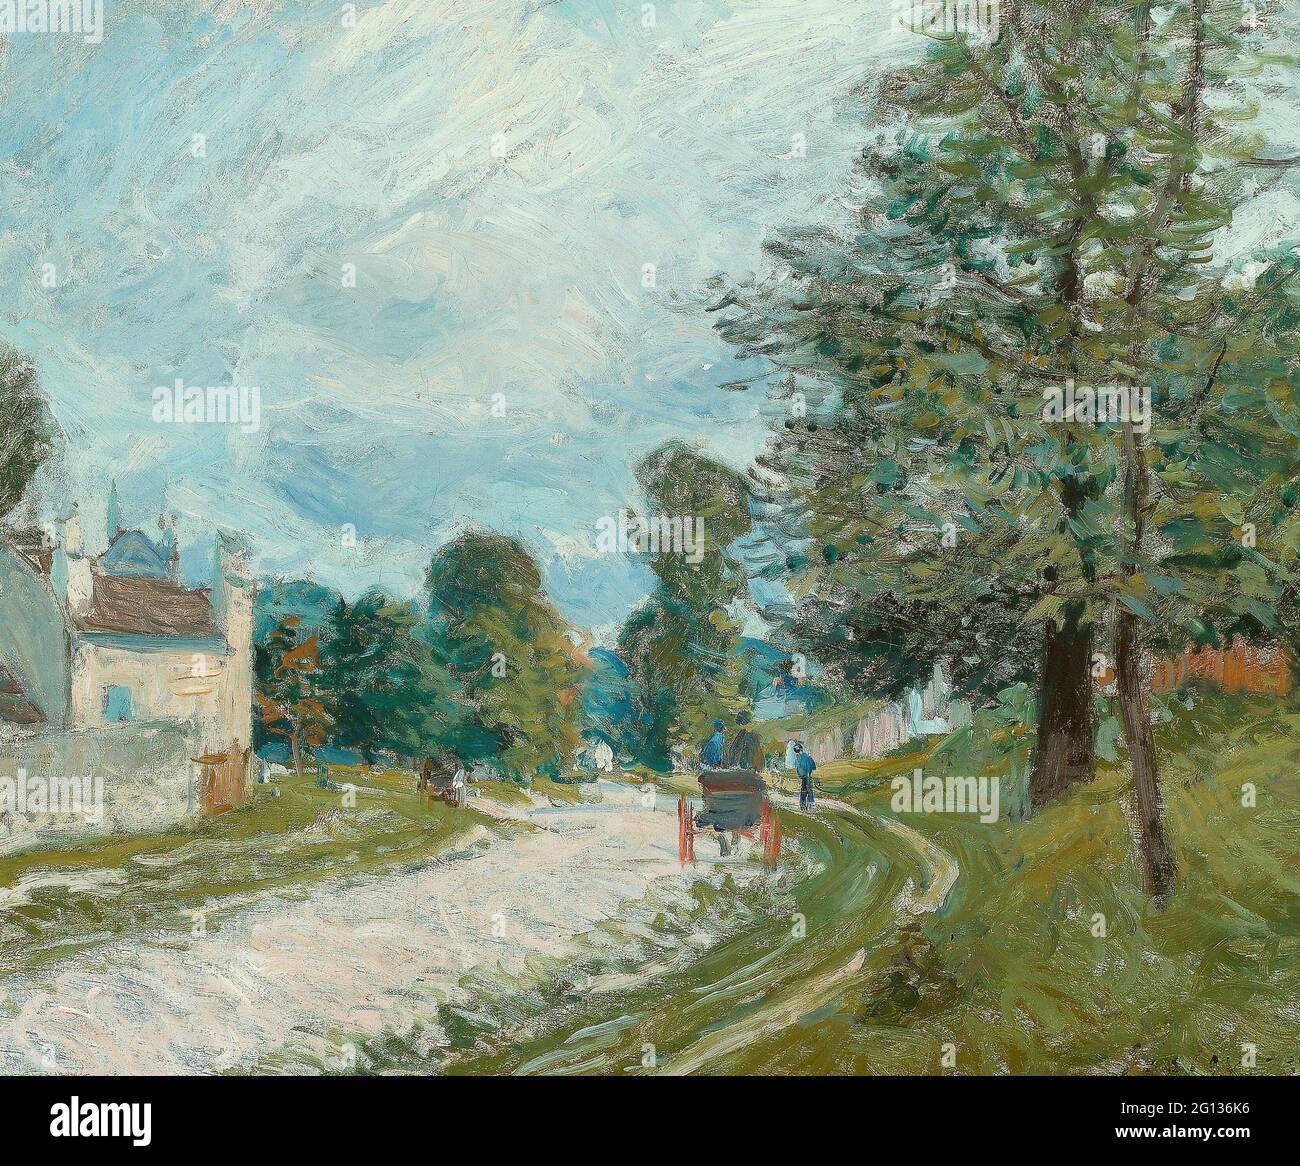 Auteur: Alfred Sisley. Un tour dans la route - 1873 - Alfred Sisley Français, 1839-1899. Huile sur toile. France. Banque D'Images